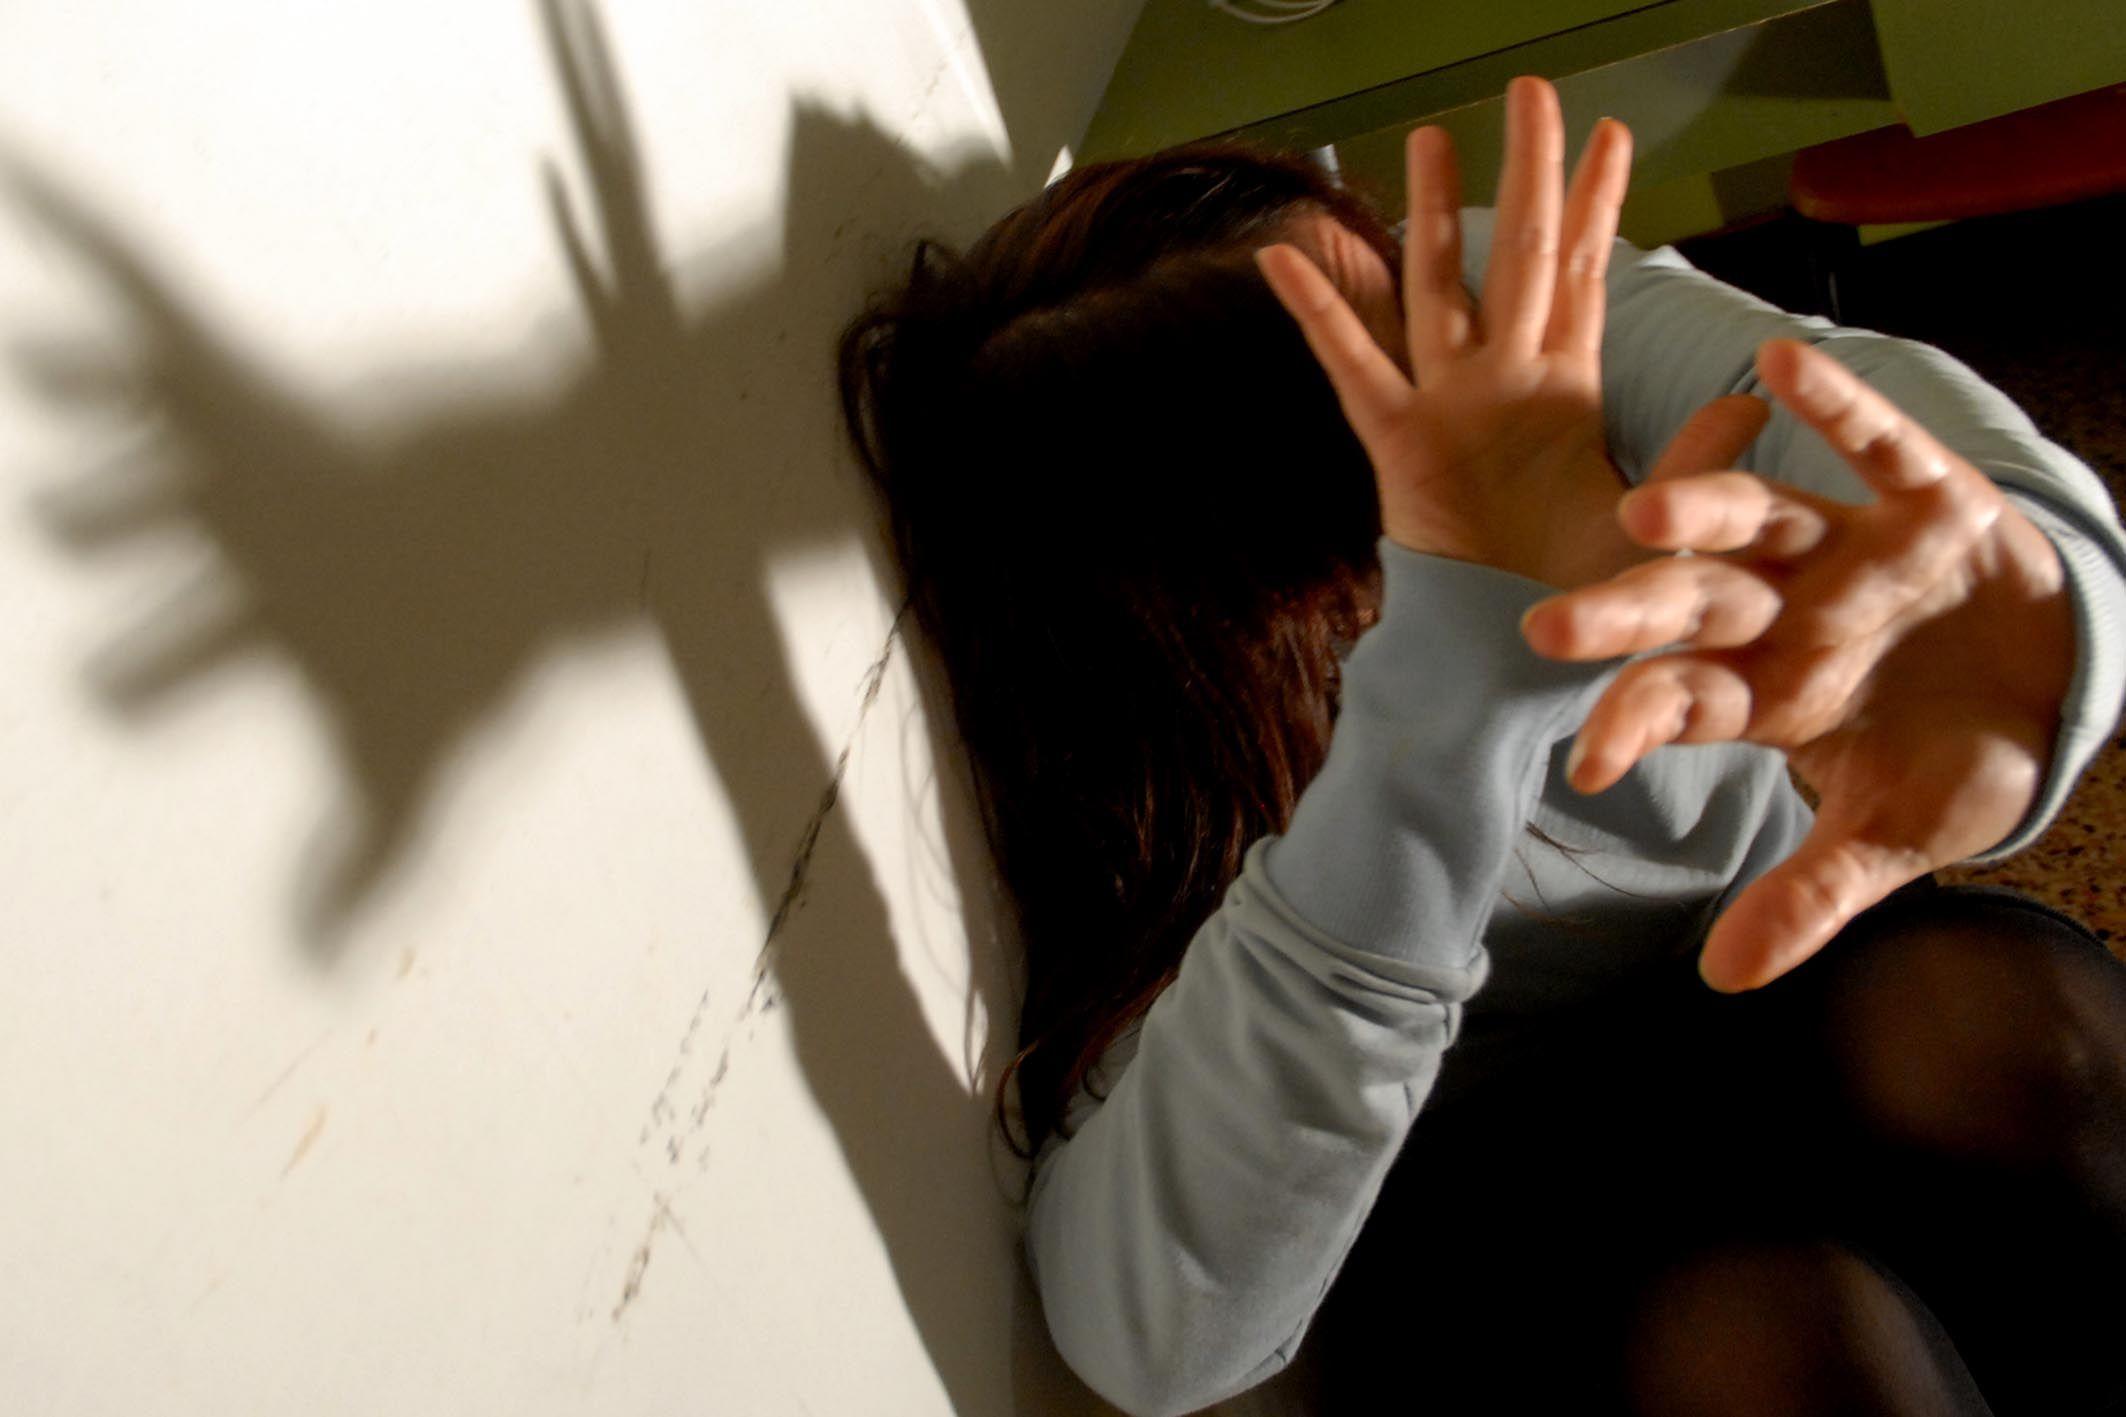 """Pedofilia Vaticana: """"Io non sapevo"""", Vaticano, pedofilia, minori, preti, Cardinale Pell, religione, violenza, Australia, bambini, violenza sessuale, abusi"""